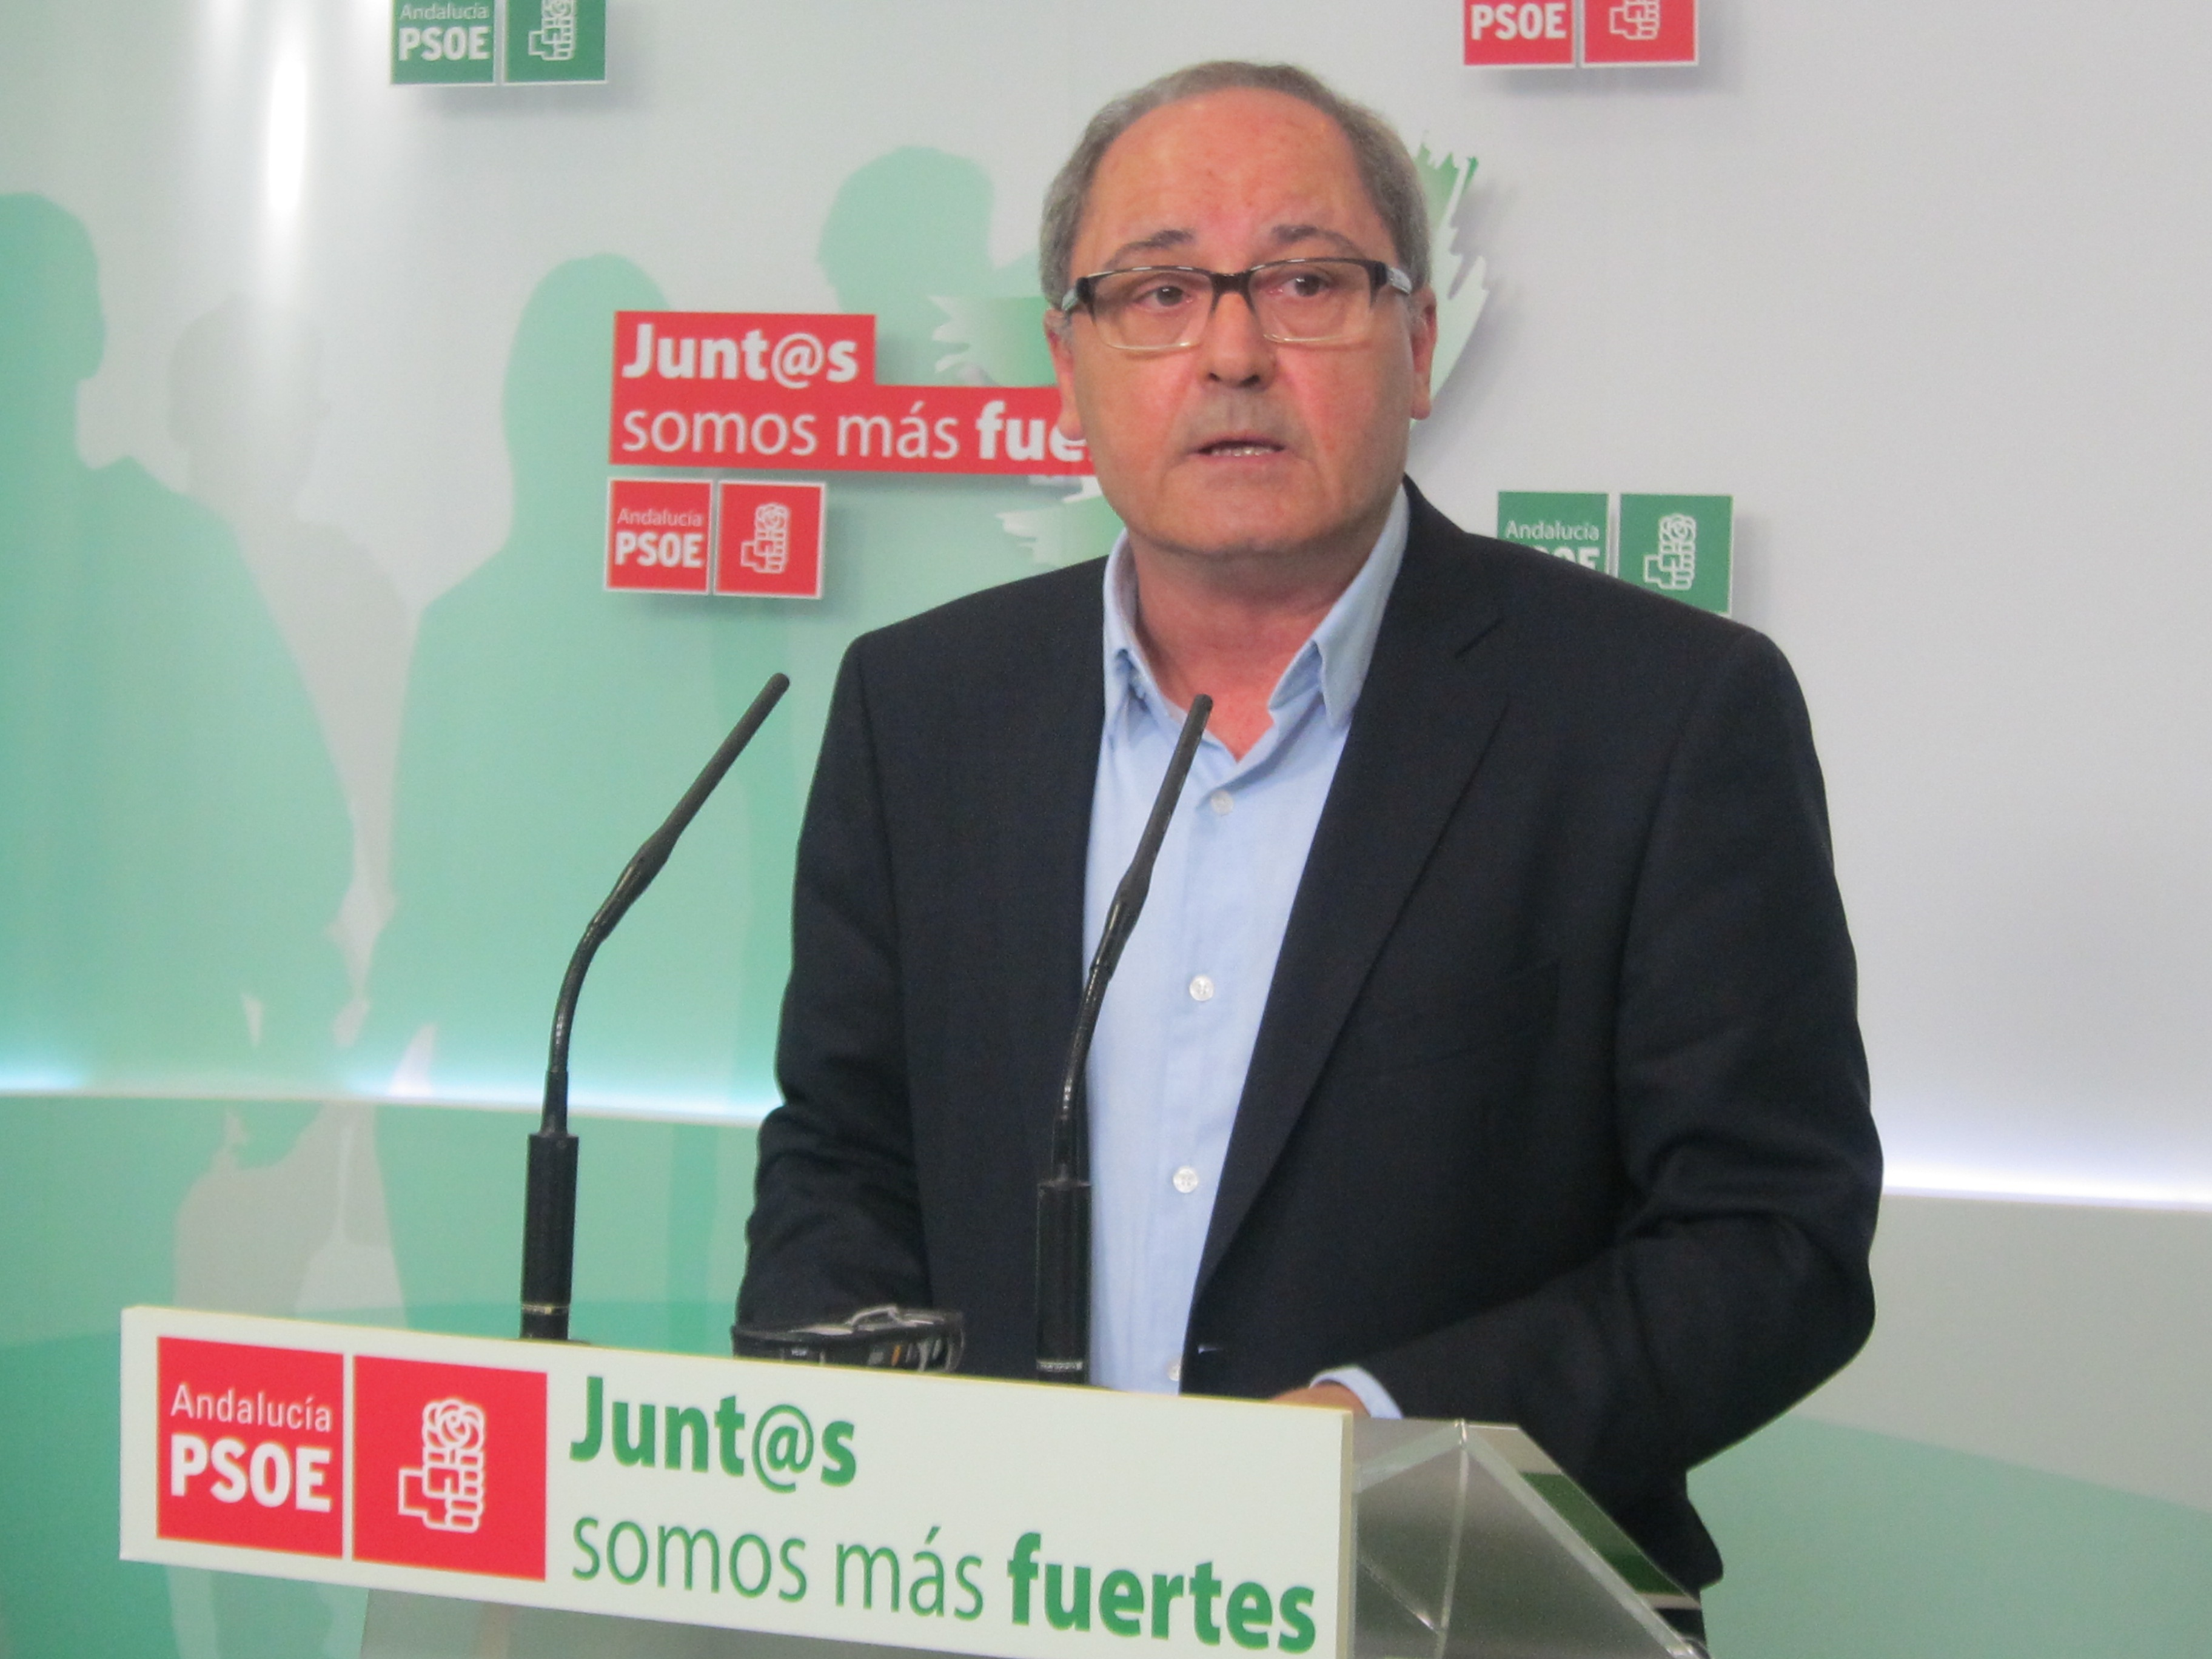 PSOE-A censura los «ataques» de PP-A a Díaz cuando es un partido «acorralado por el mayor escándalo de corrupción»